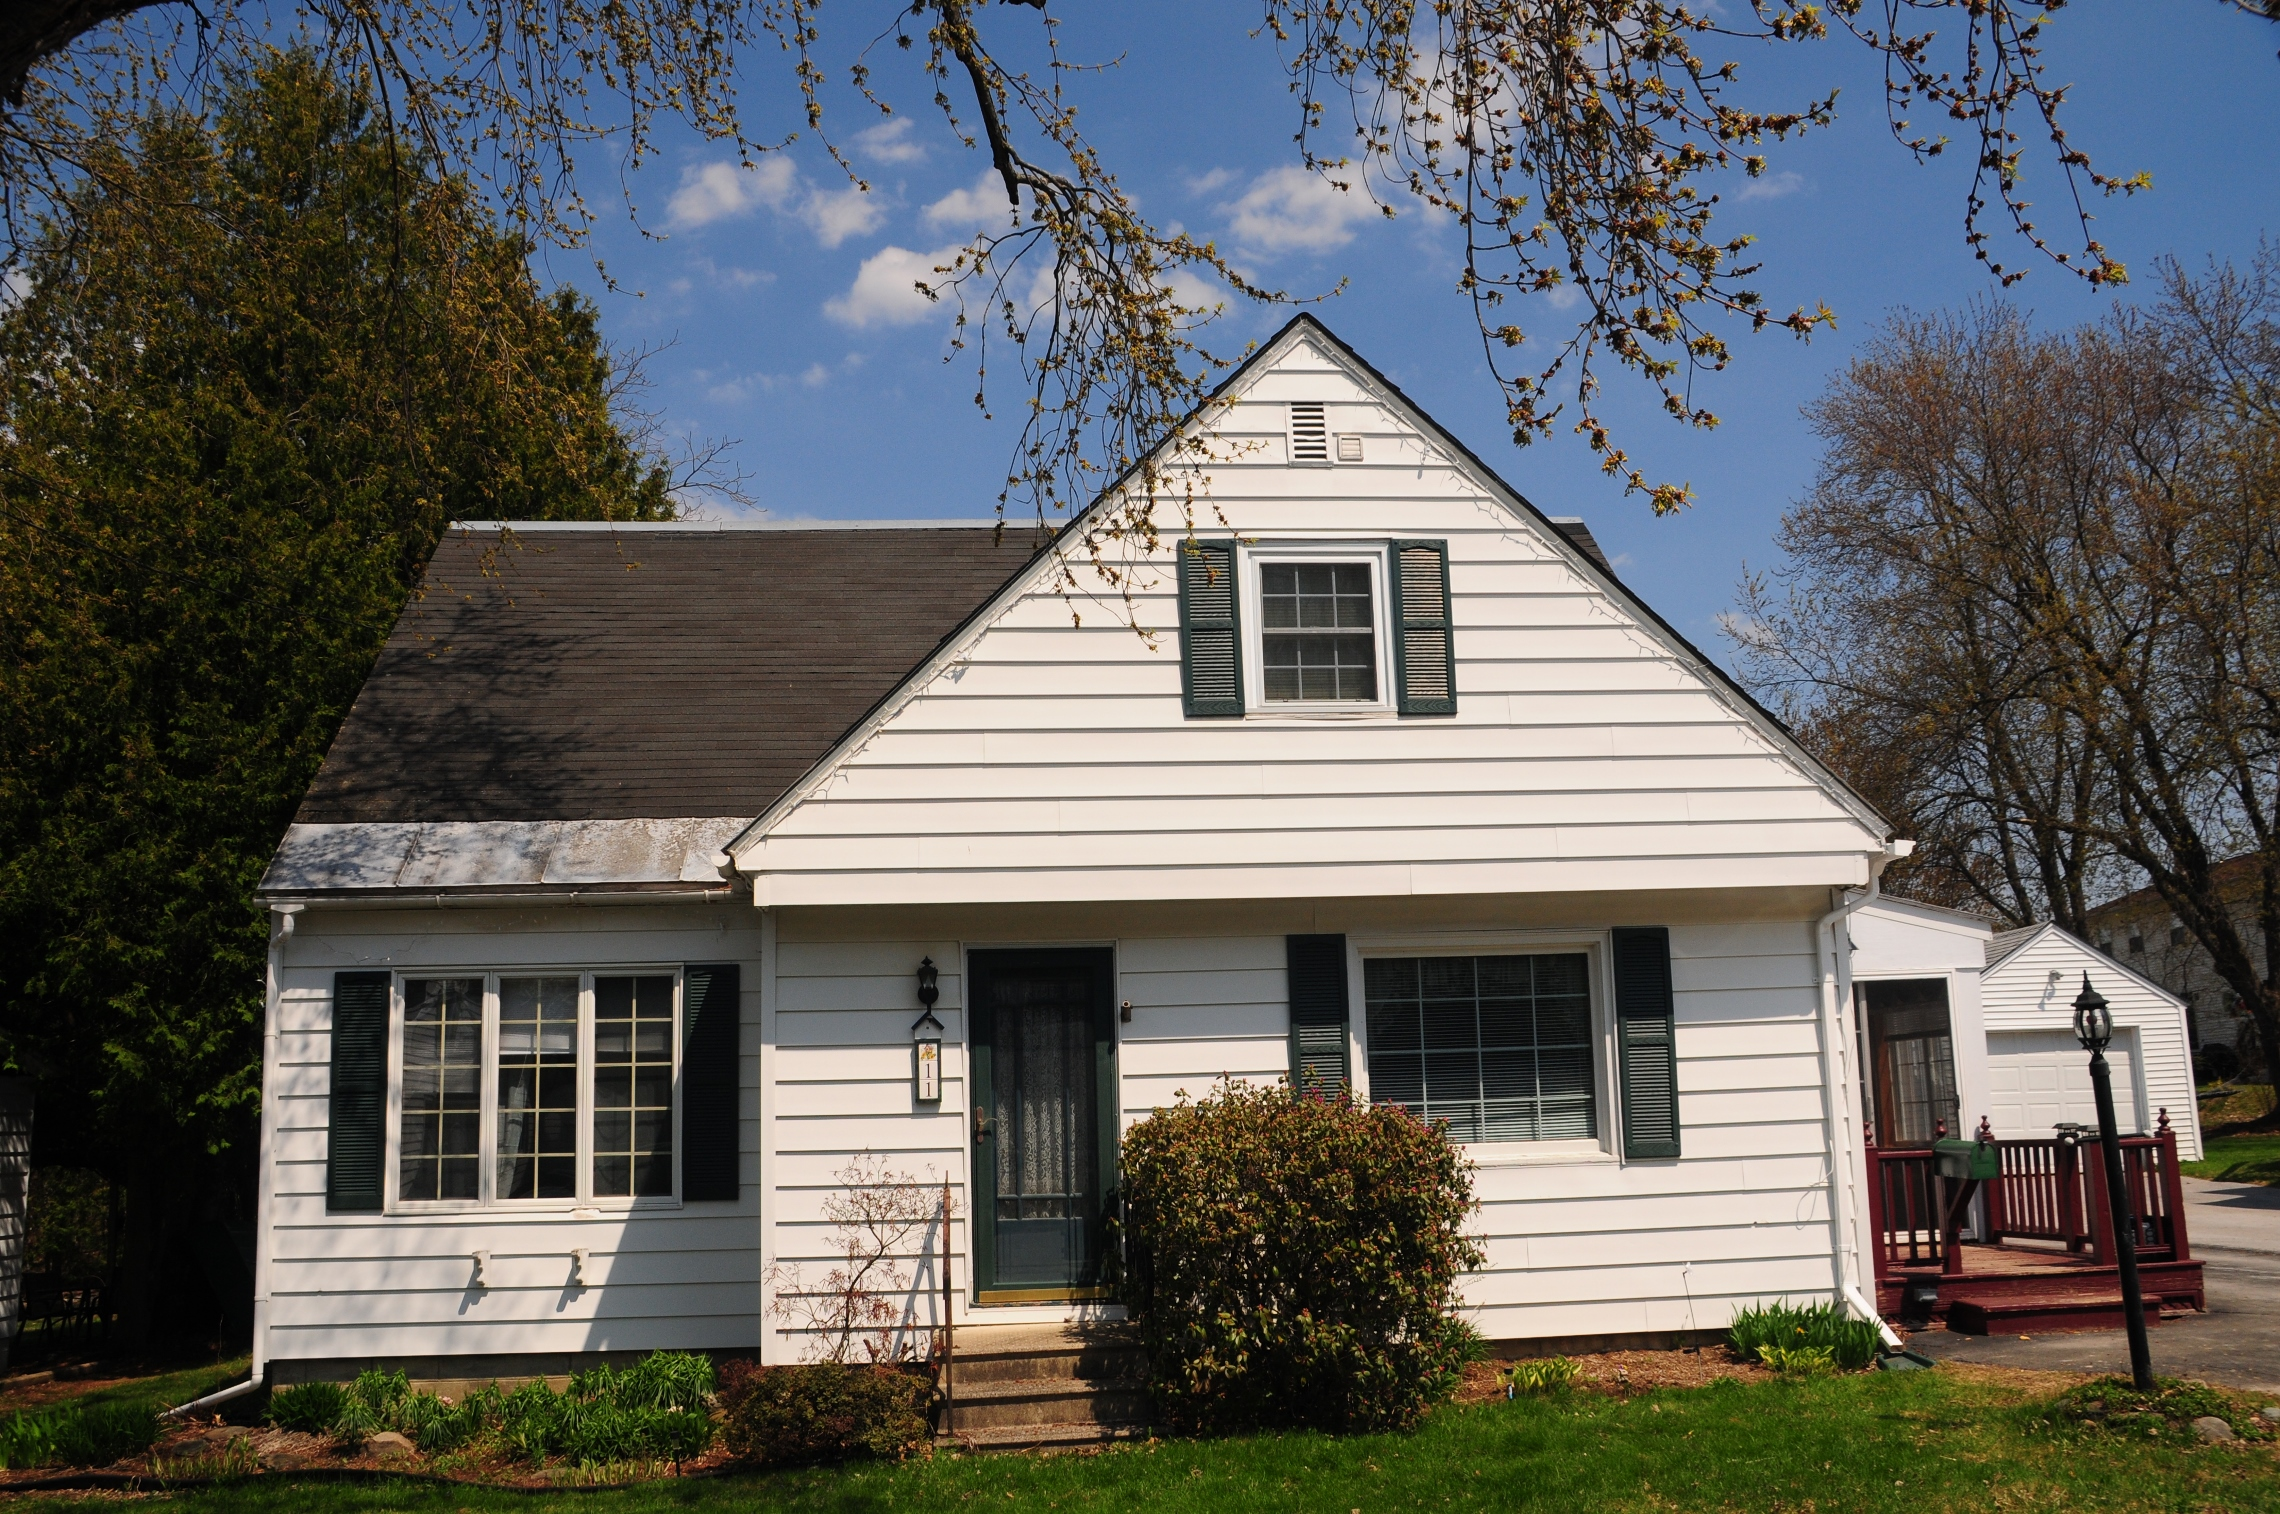 Casa para uma família para Venda às 11 Lakeview Ter, St. Albans City St. Albans, Vermont 05478 Estados Unidos